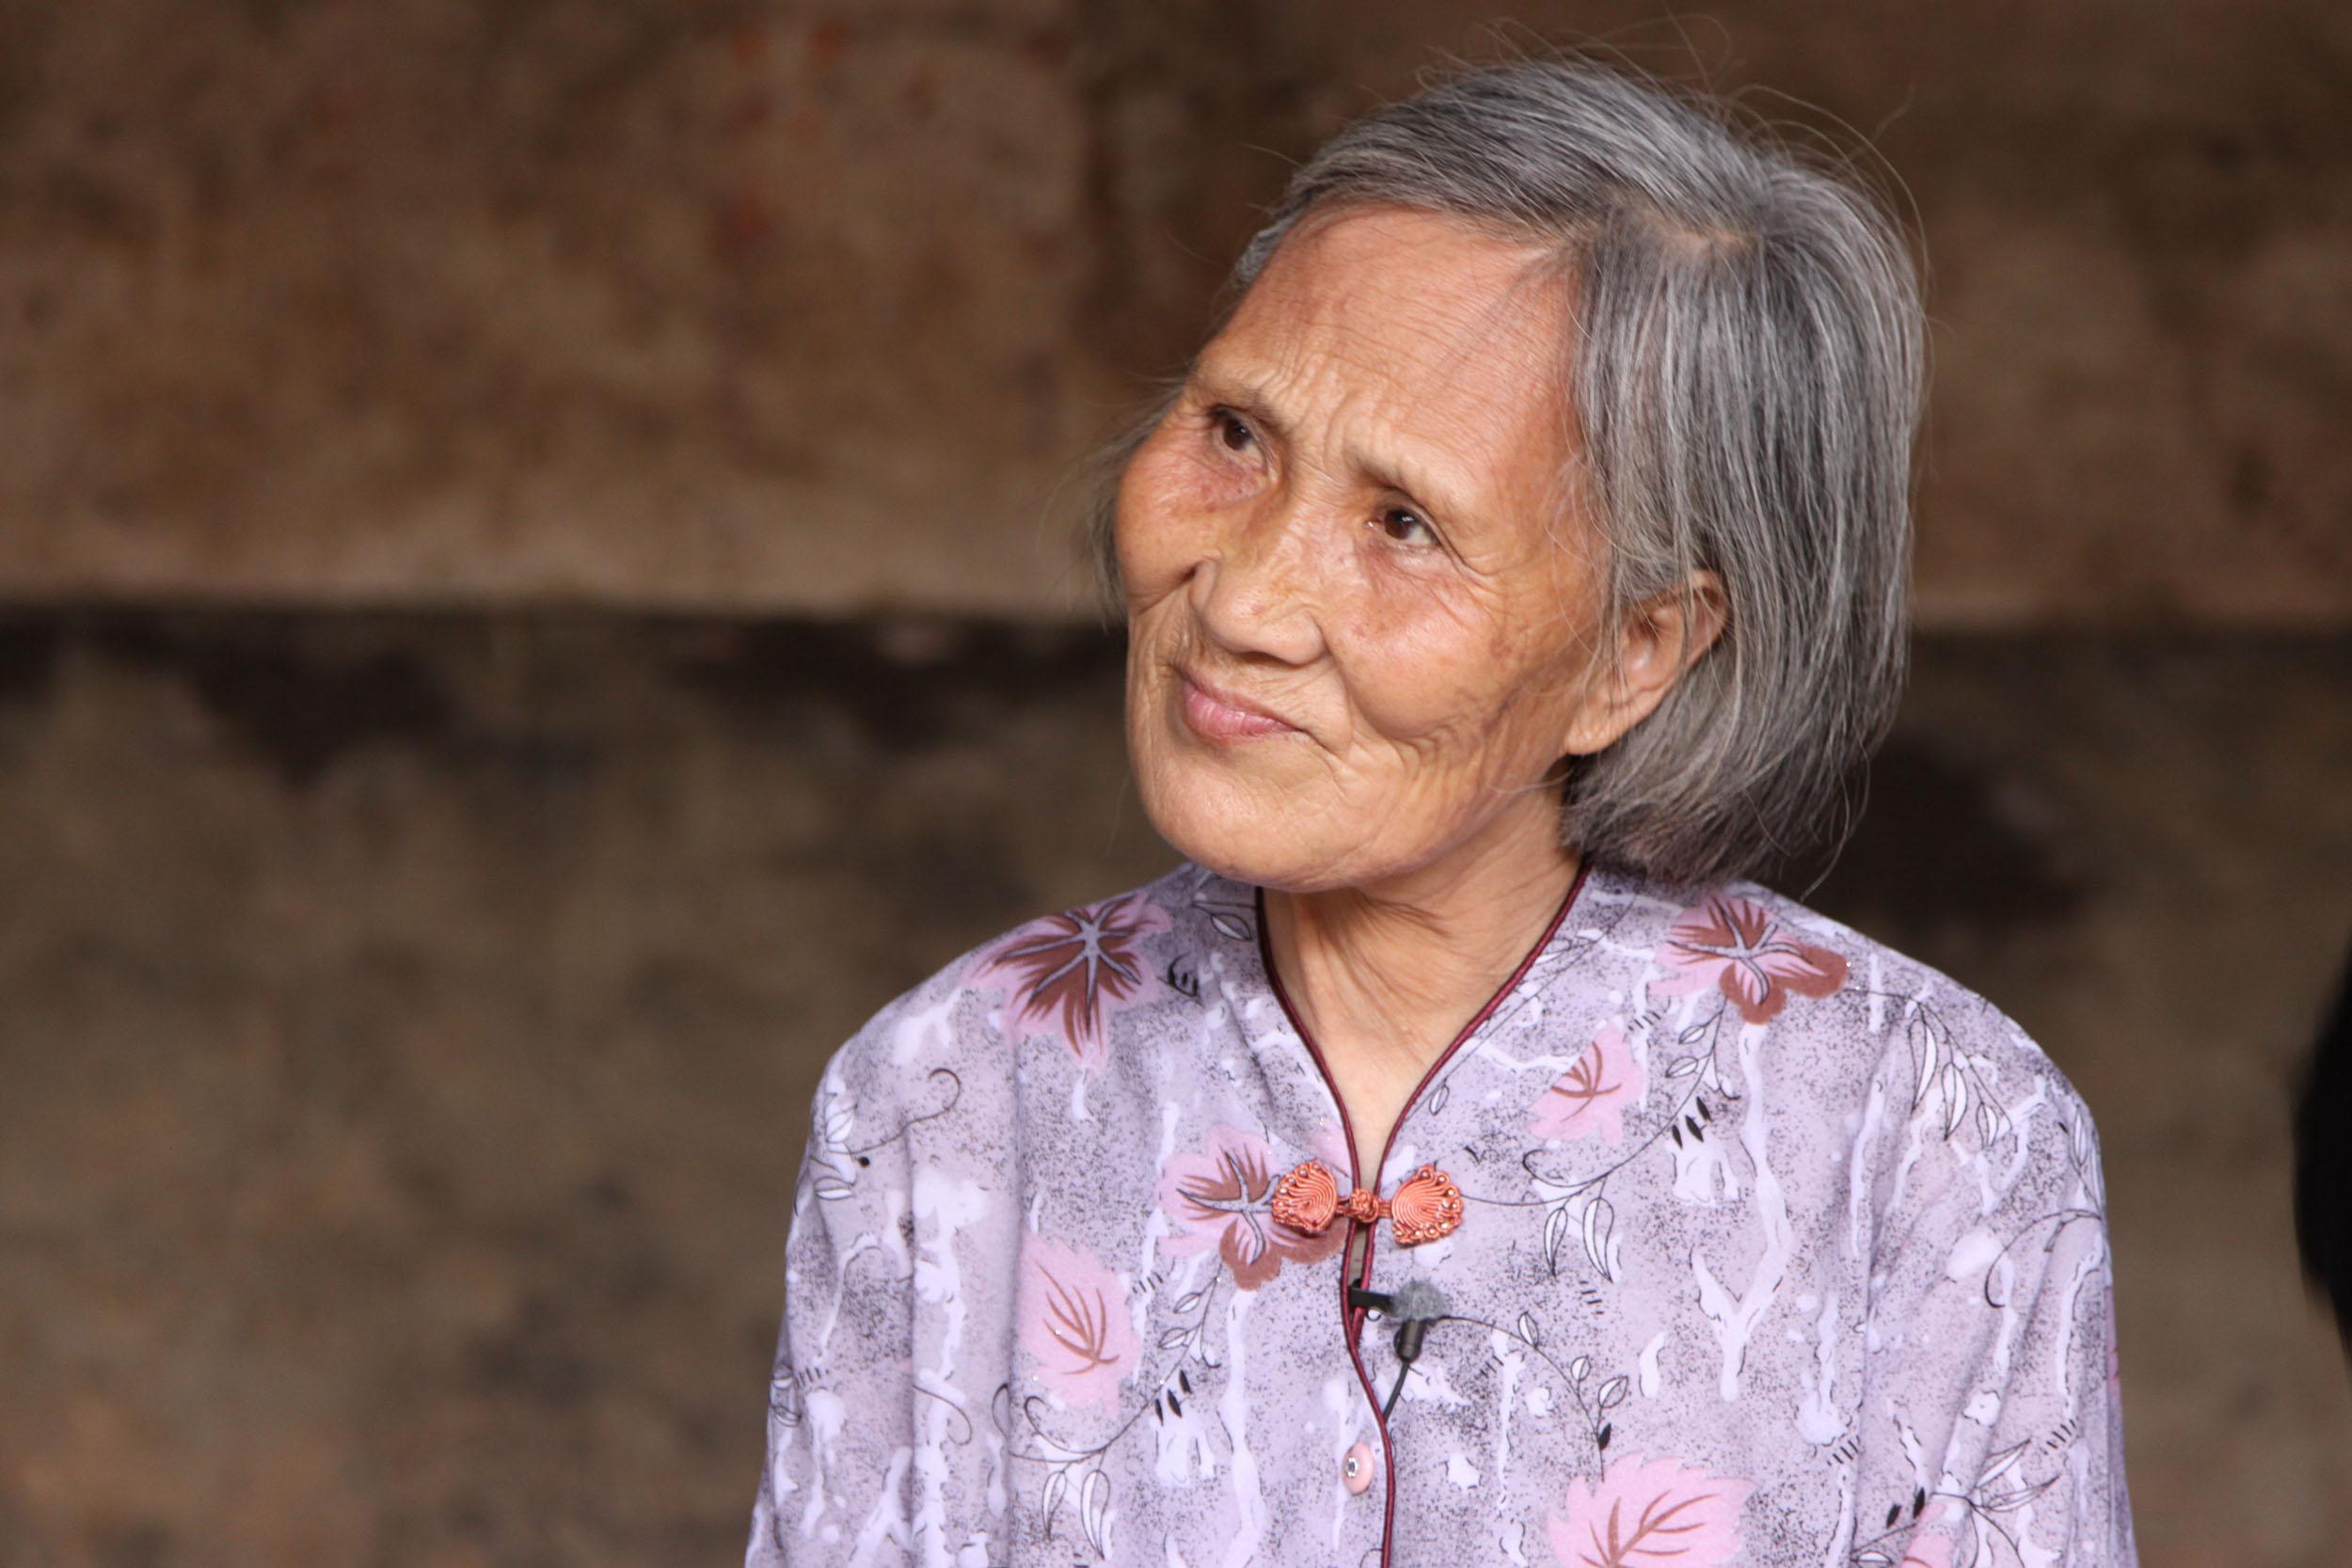 何豔新從小跟著外婆學女書。外婆唱一首,她跟著唱,唱完外婆便把字寫在她的手心,讓她到屋外拿枝條在地上練習。大躍進時,因糧食不足,外婆遭媳婦虐待,一度自殺;獲救後以 85 歲高齡改嫁,翌年淒涼辭世。為告慰外婆,何豔新寫下四本女書陪葬,將女書「還」給外婆,從此封筆。攝影│周震